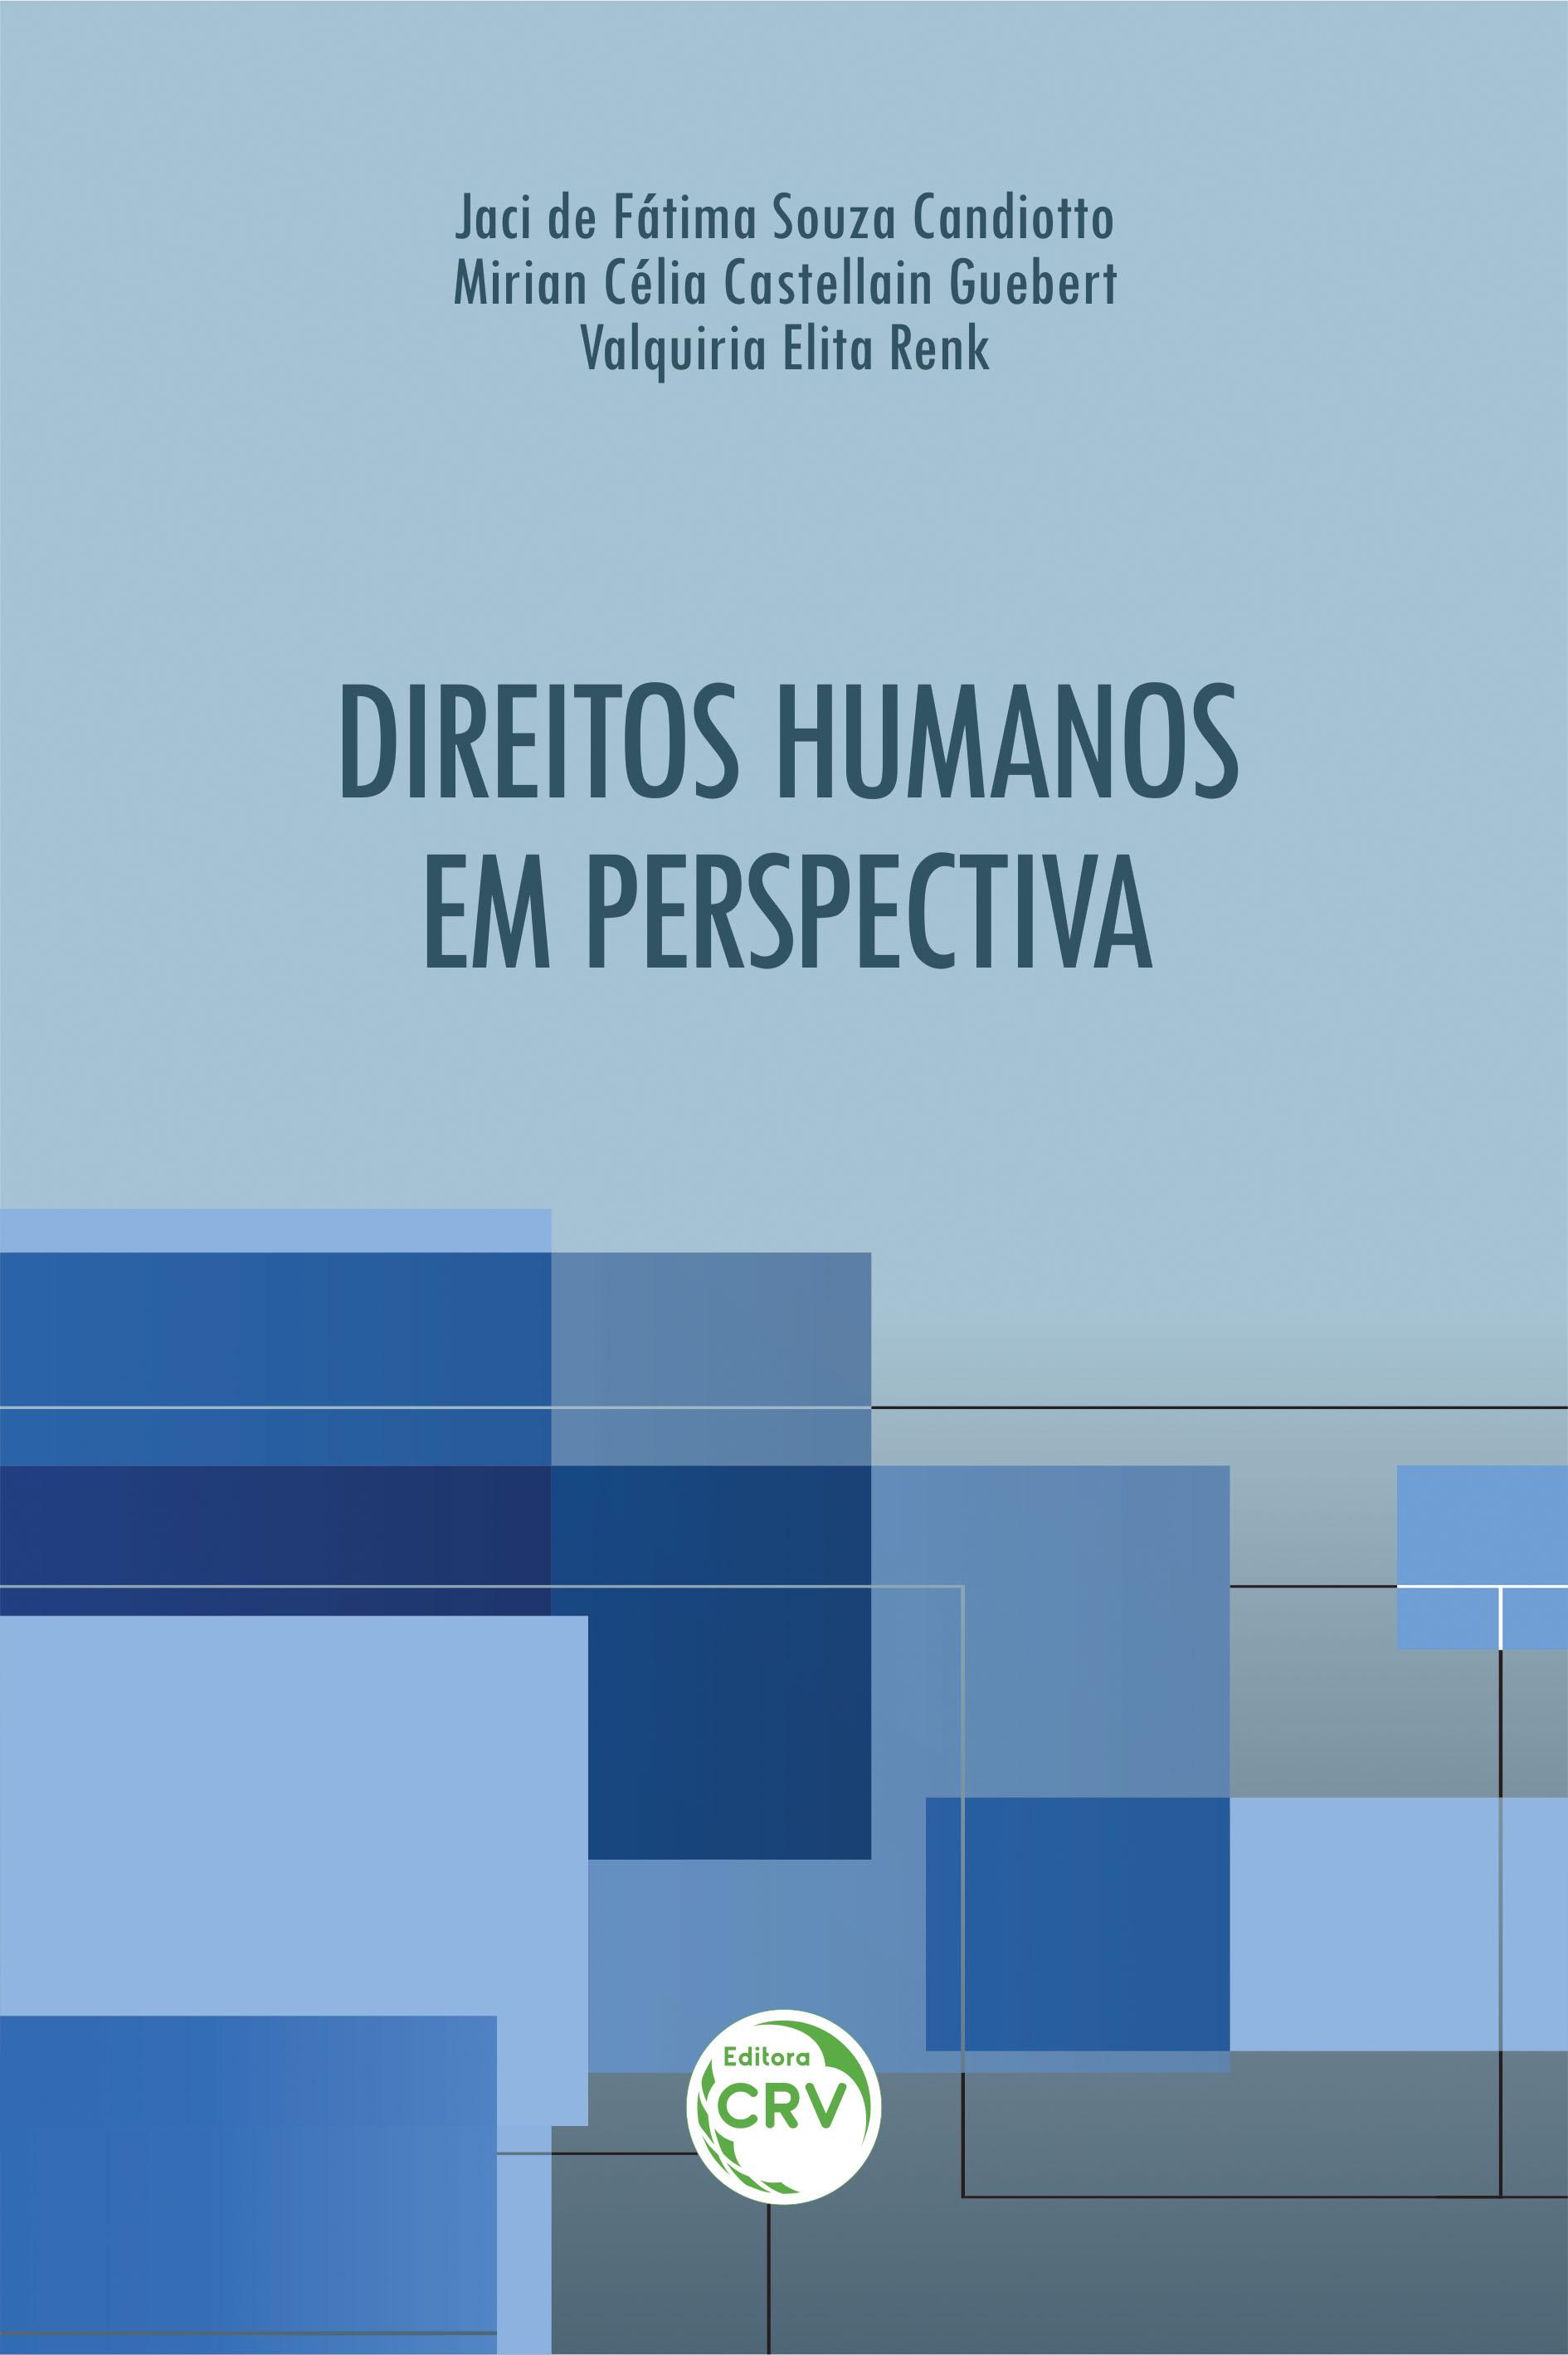 Capa do livro: DIREITOS HUMANOS EM PERSPECTIVA